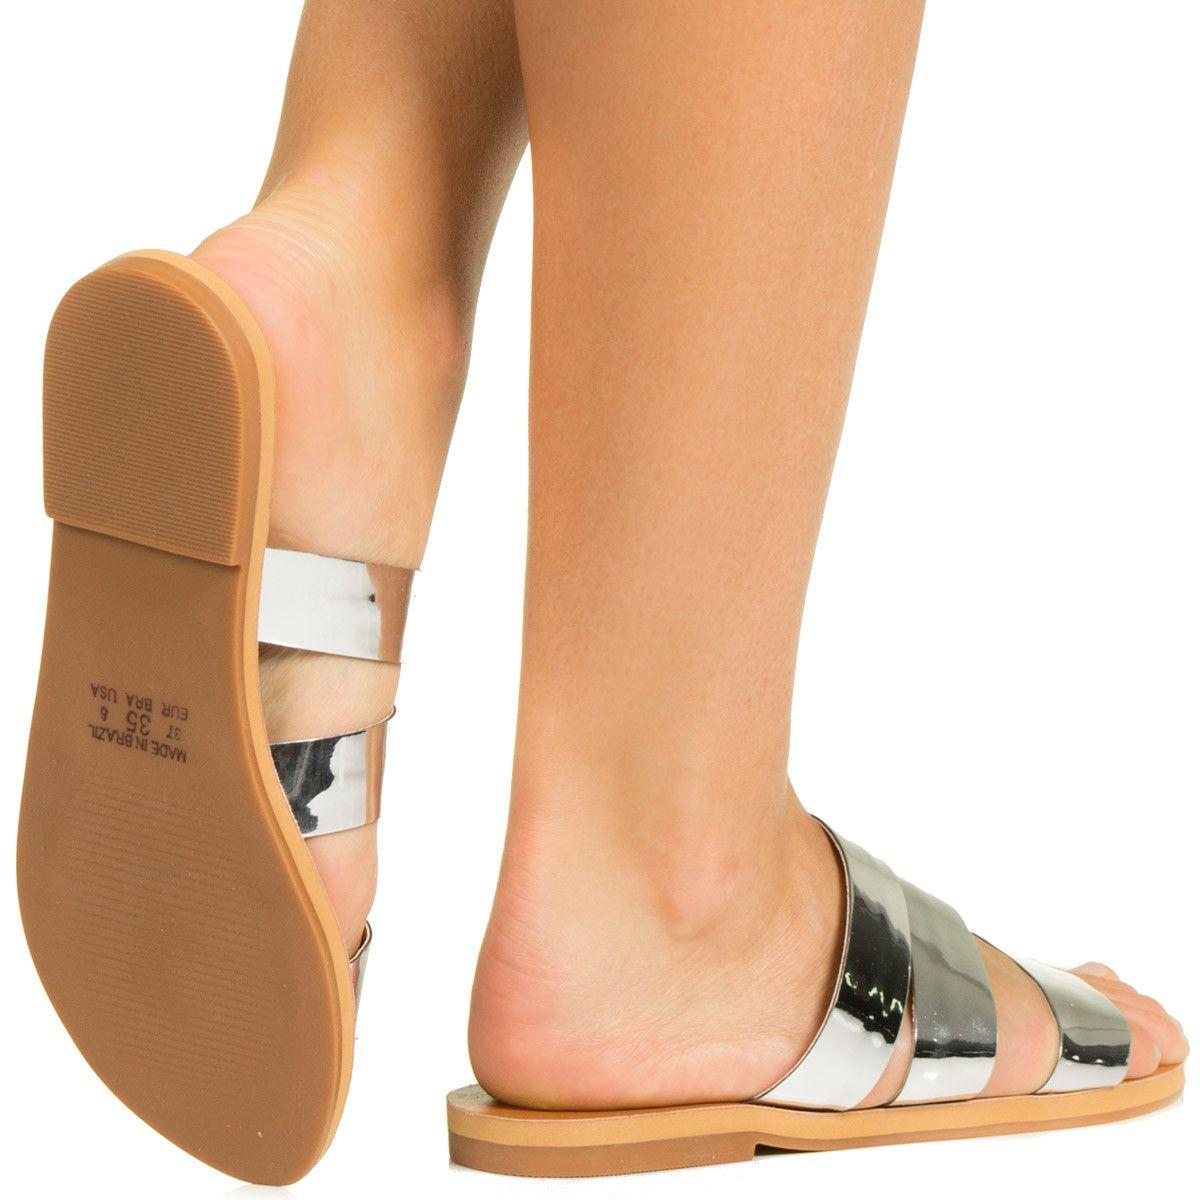 9c1af6b4a Rasteira com Tiras Prata Taquilla - Taquilla - Loja online de sapatos  femininos